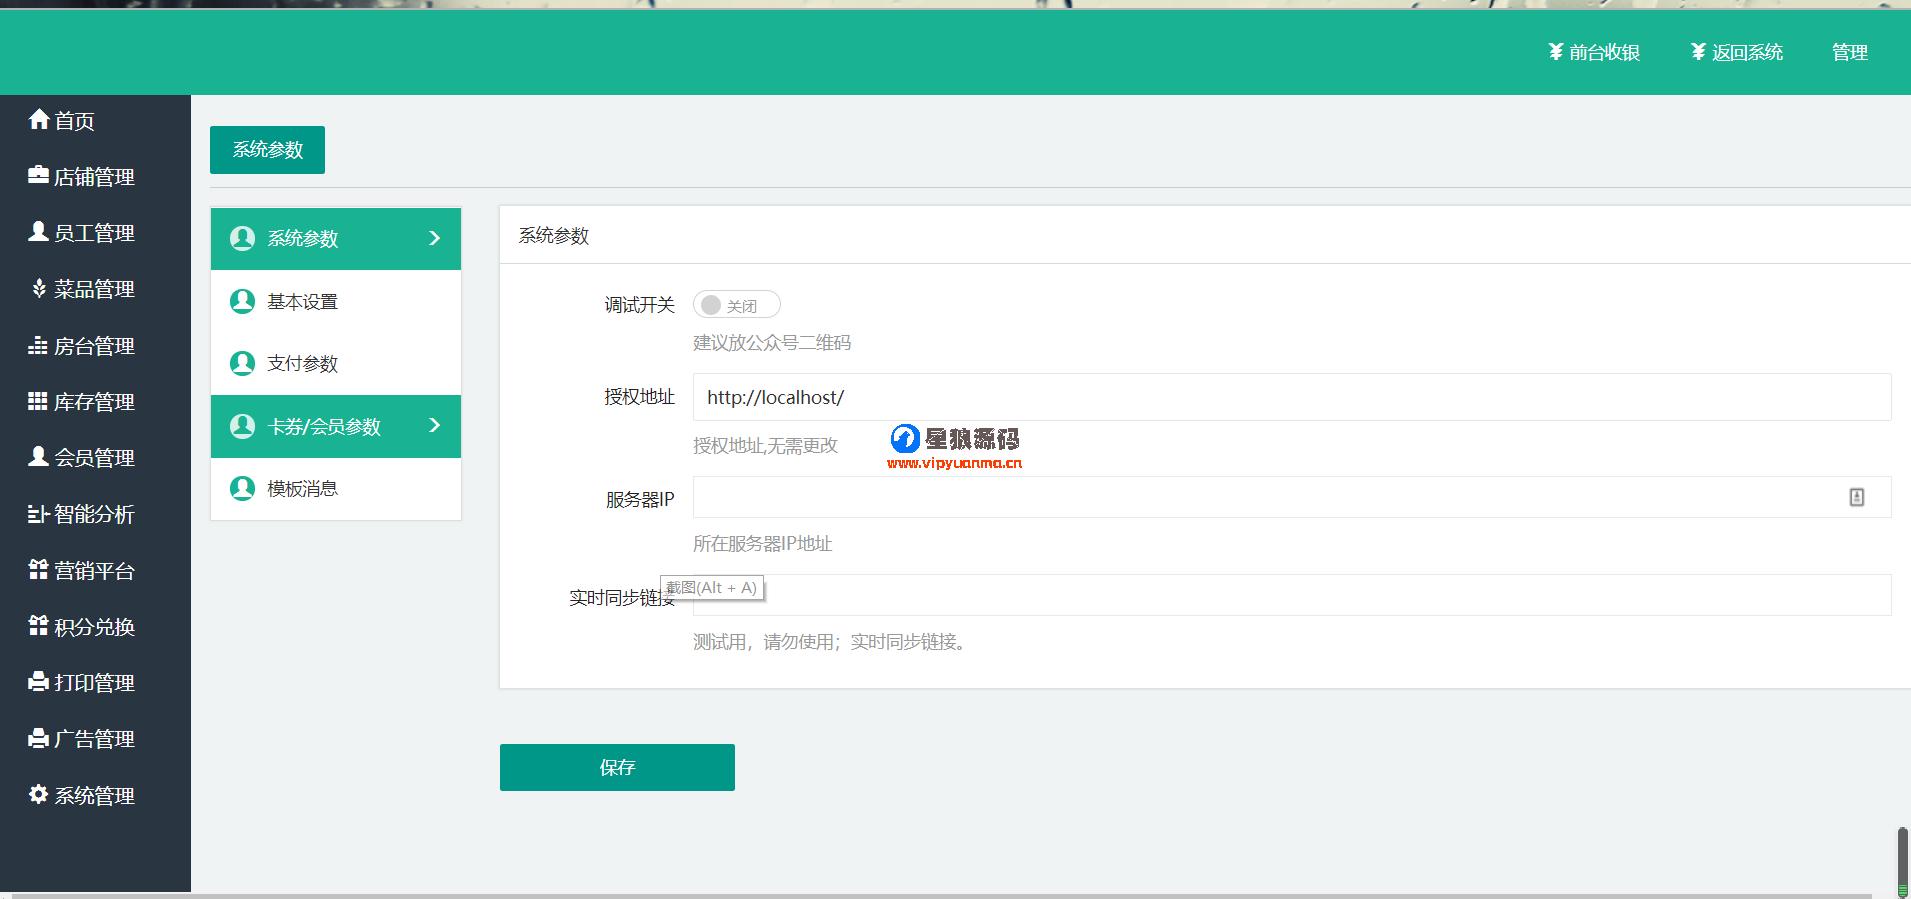 捷讯高级收银台V4.7.8原版模块打包去授权版(星狼源码) 第3张